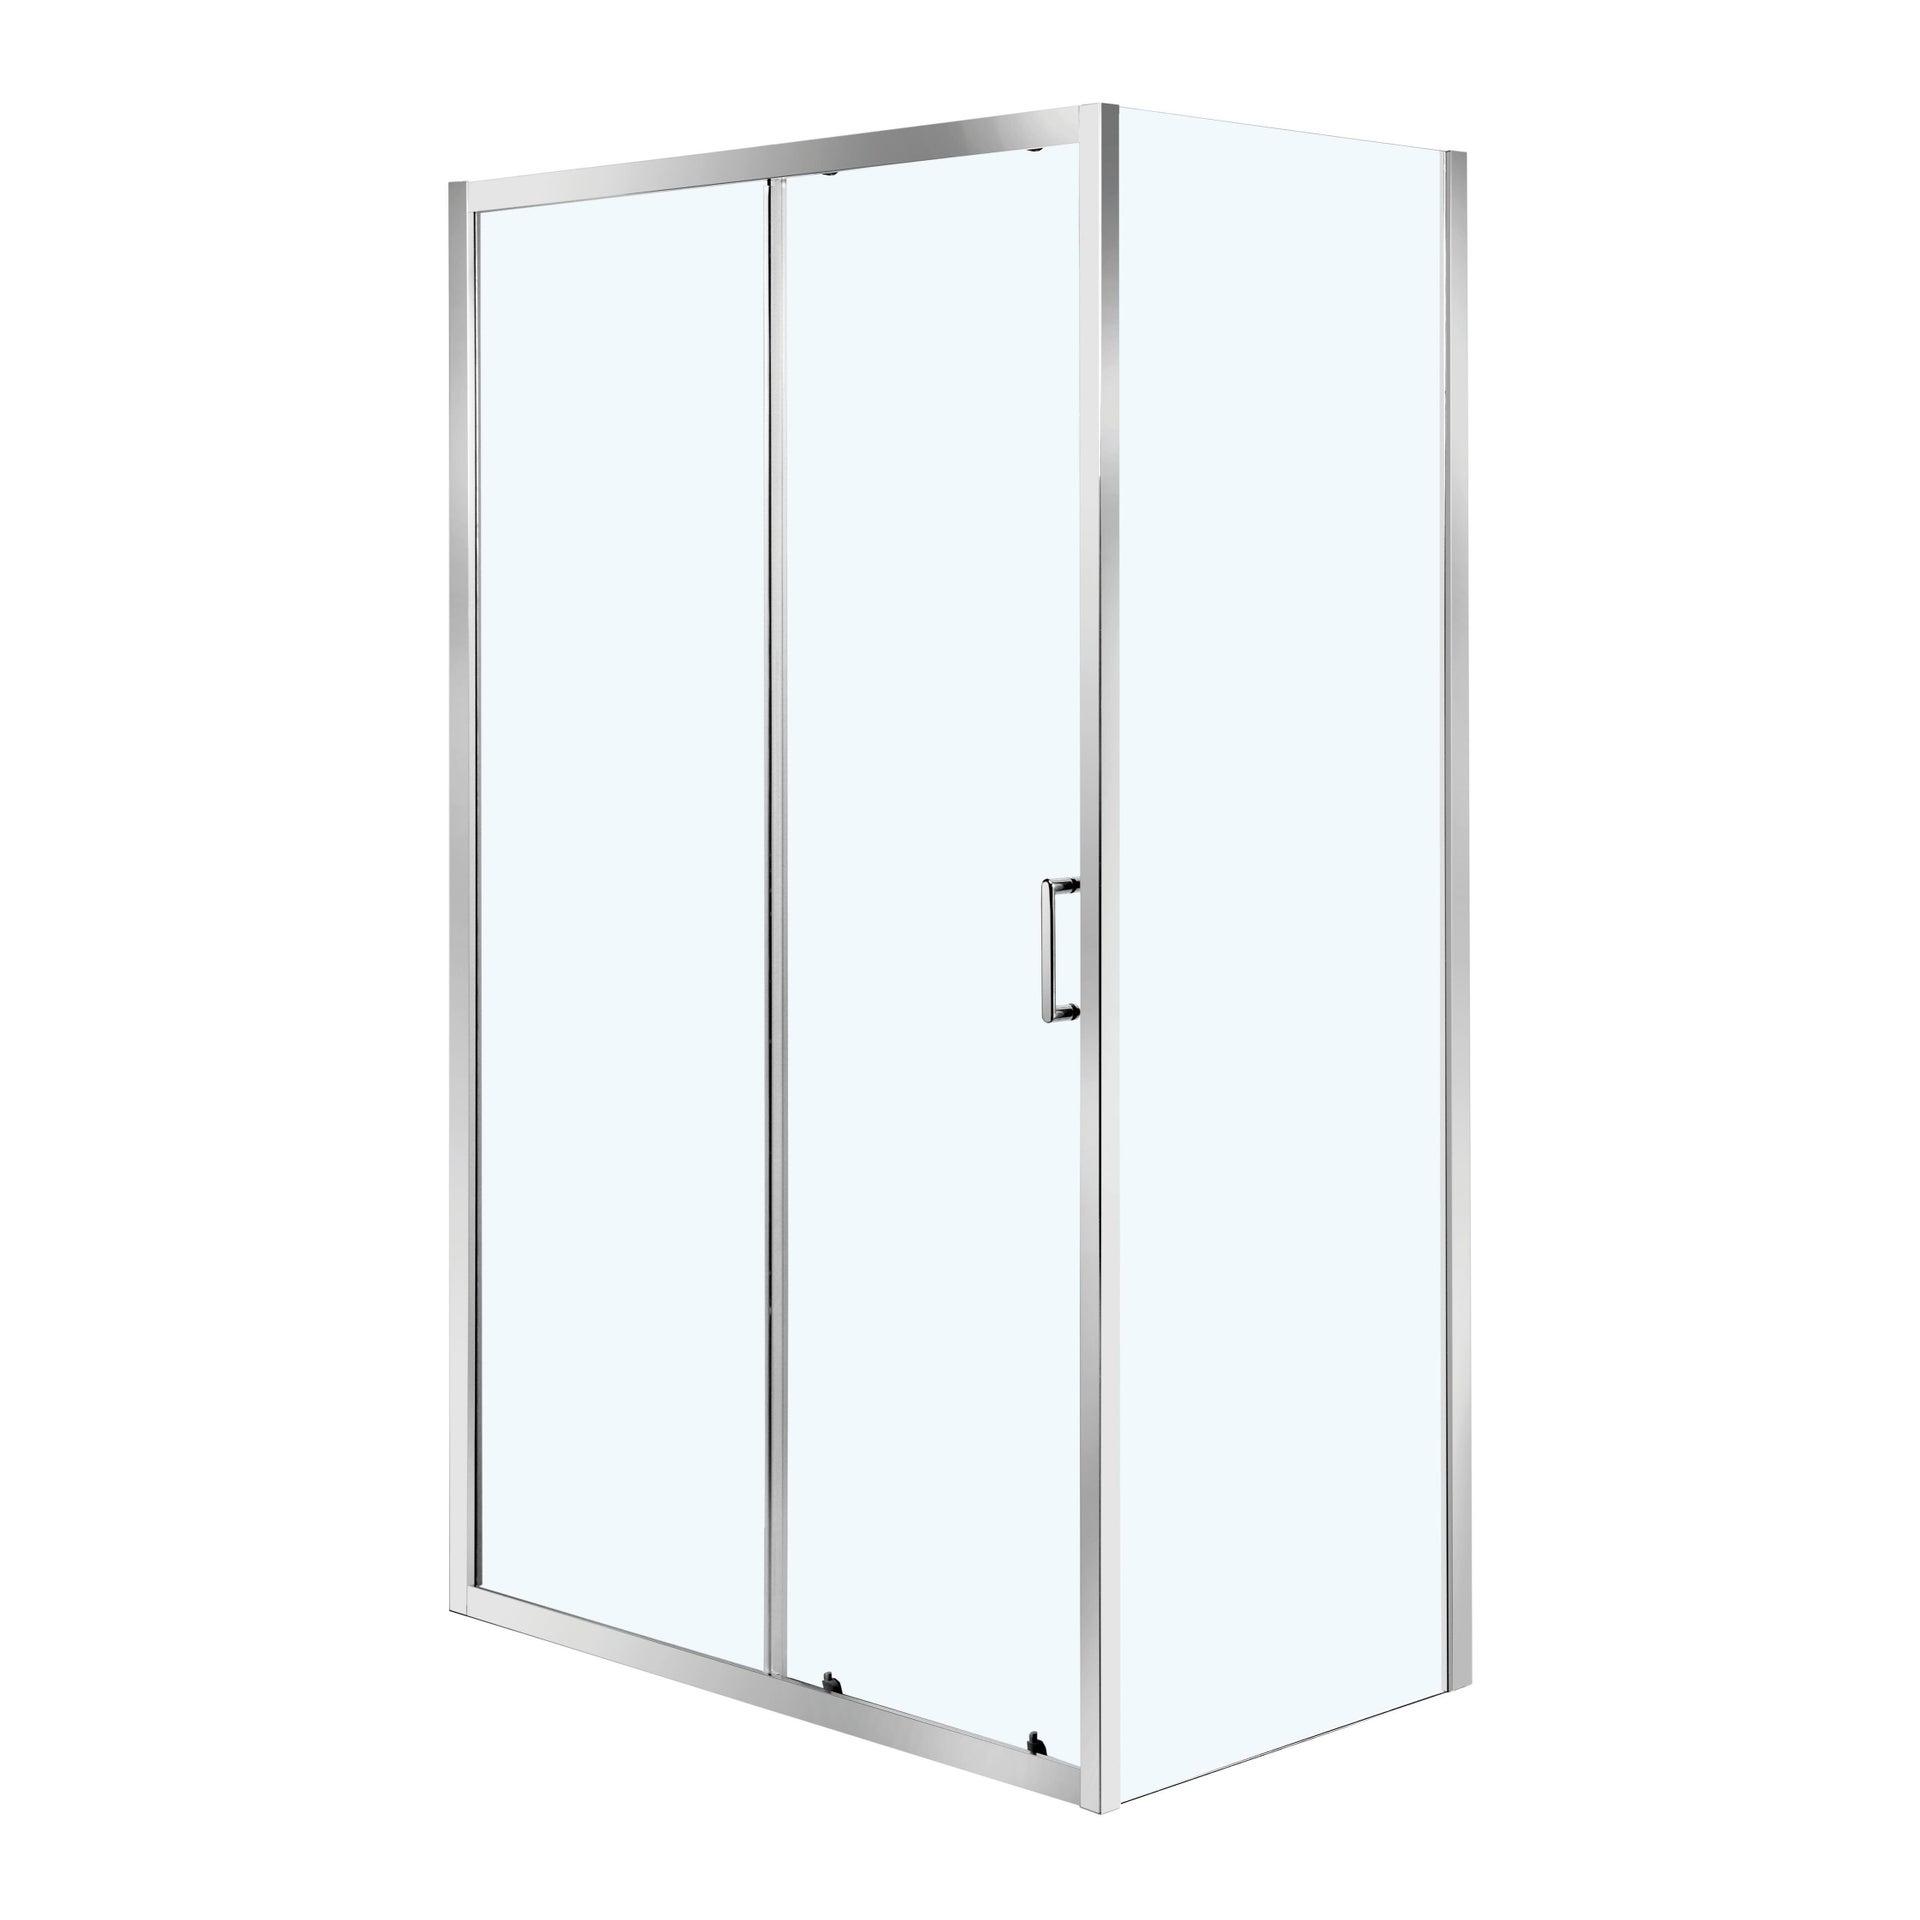 Porta doccia 1 anta fissa + 1 anta scorrevole ZESC 120 cm, H 190 cm in vetro temprato, spessore 6 mm trasparente cromato - 2